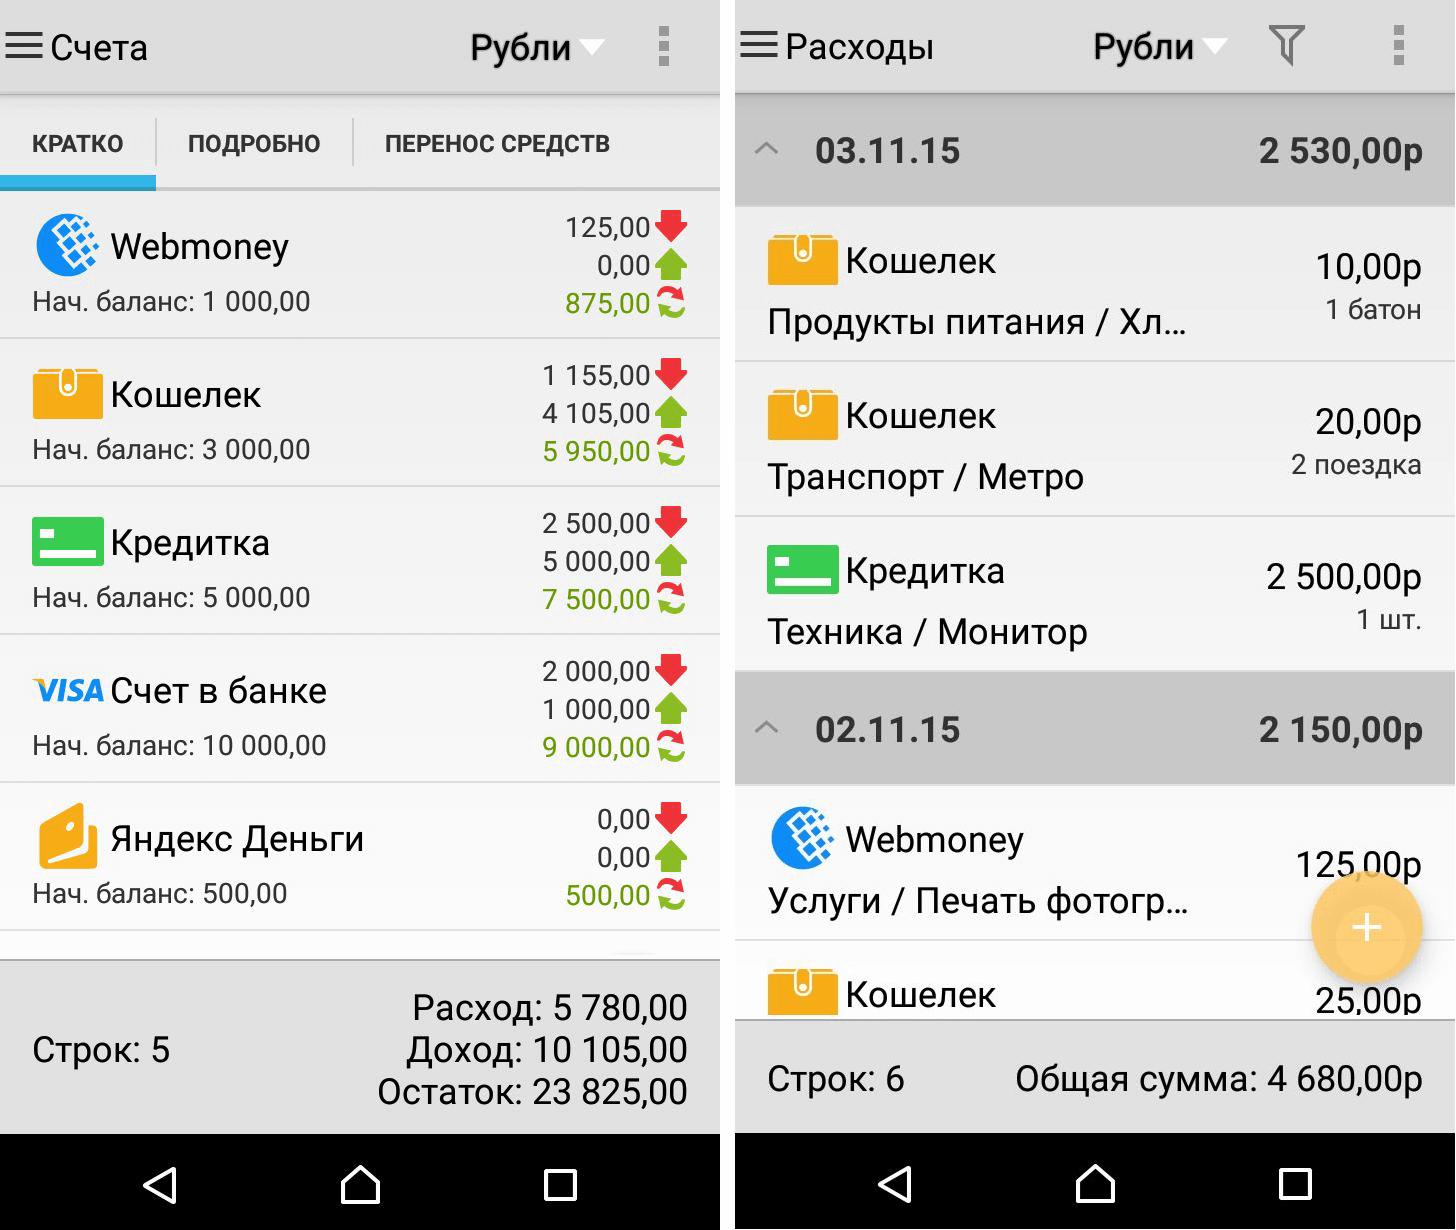 учет в валюте даже на мобильном нетруден